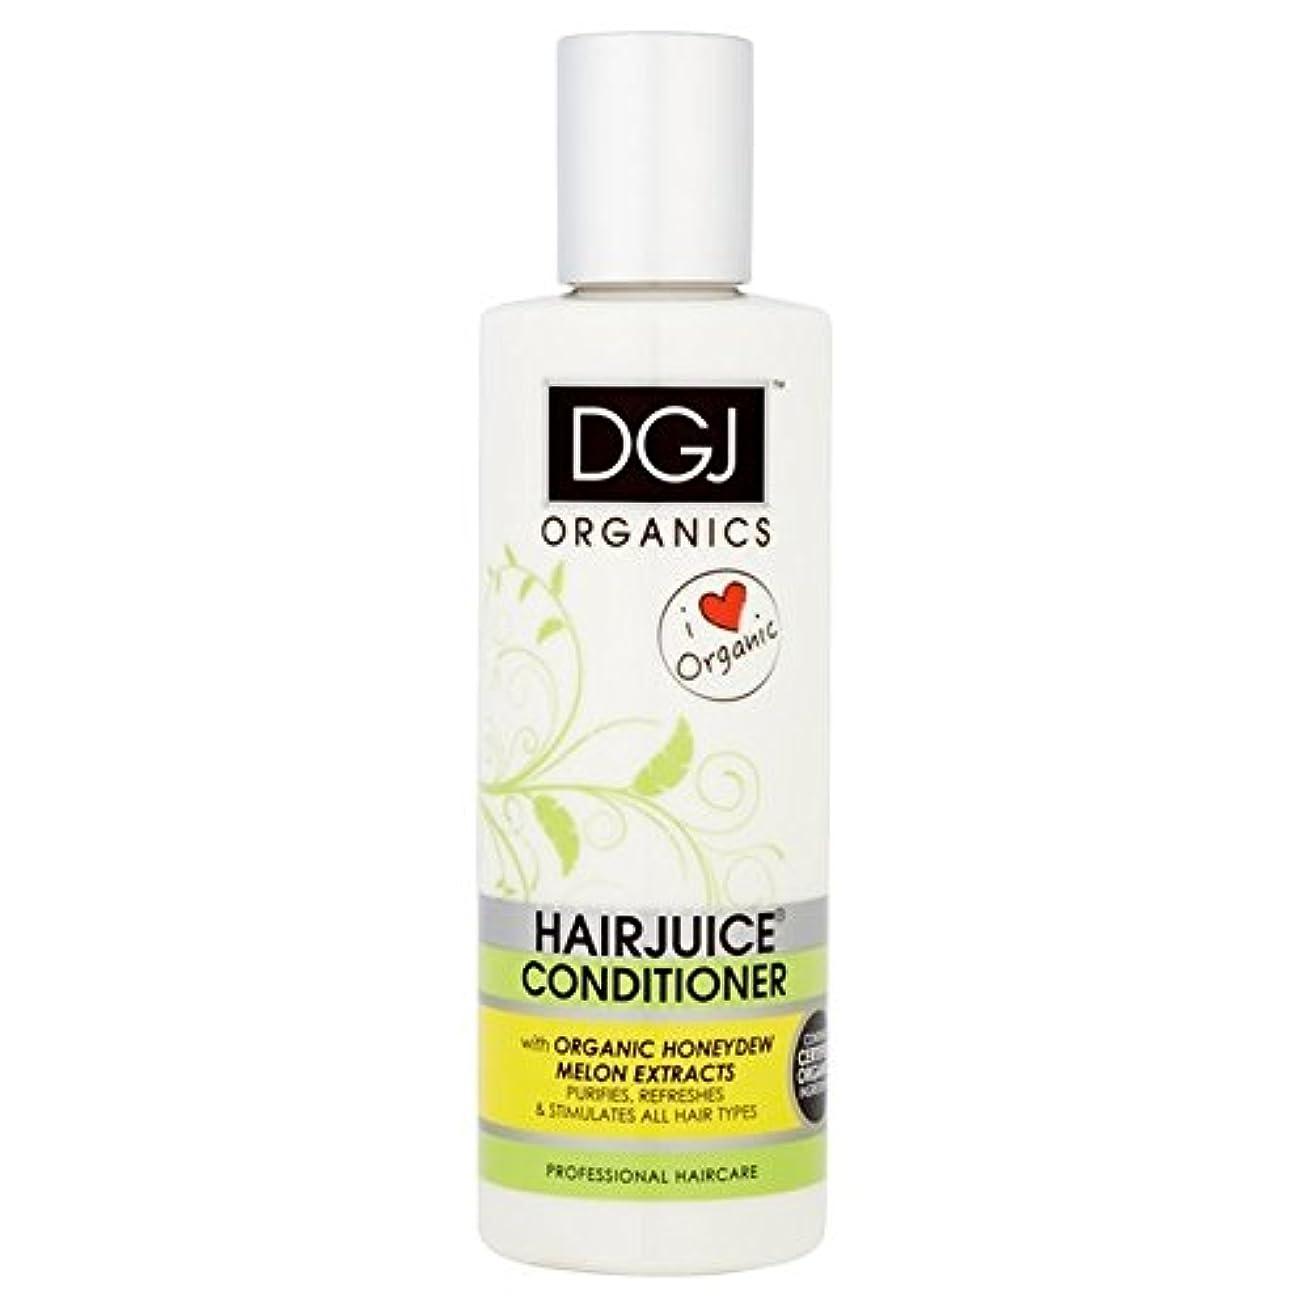 ギャザー選択するロッド有機メロンコンディショナー250 x2 - DGJ Organic Hairjuice Melon Conditioner 250ml (Pack of 2) [並行輸入品]